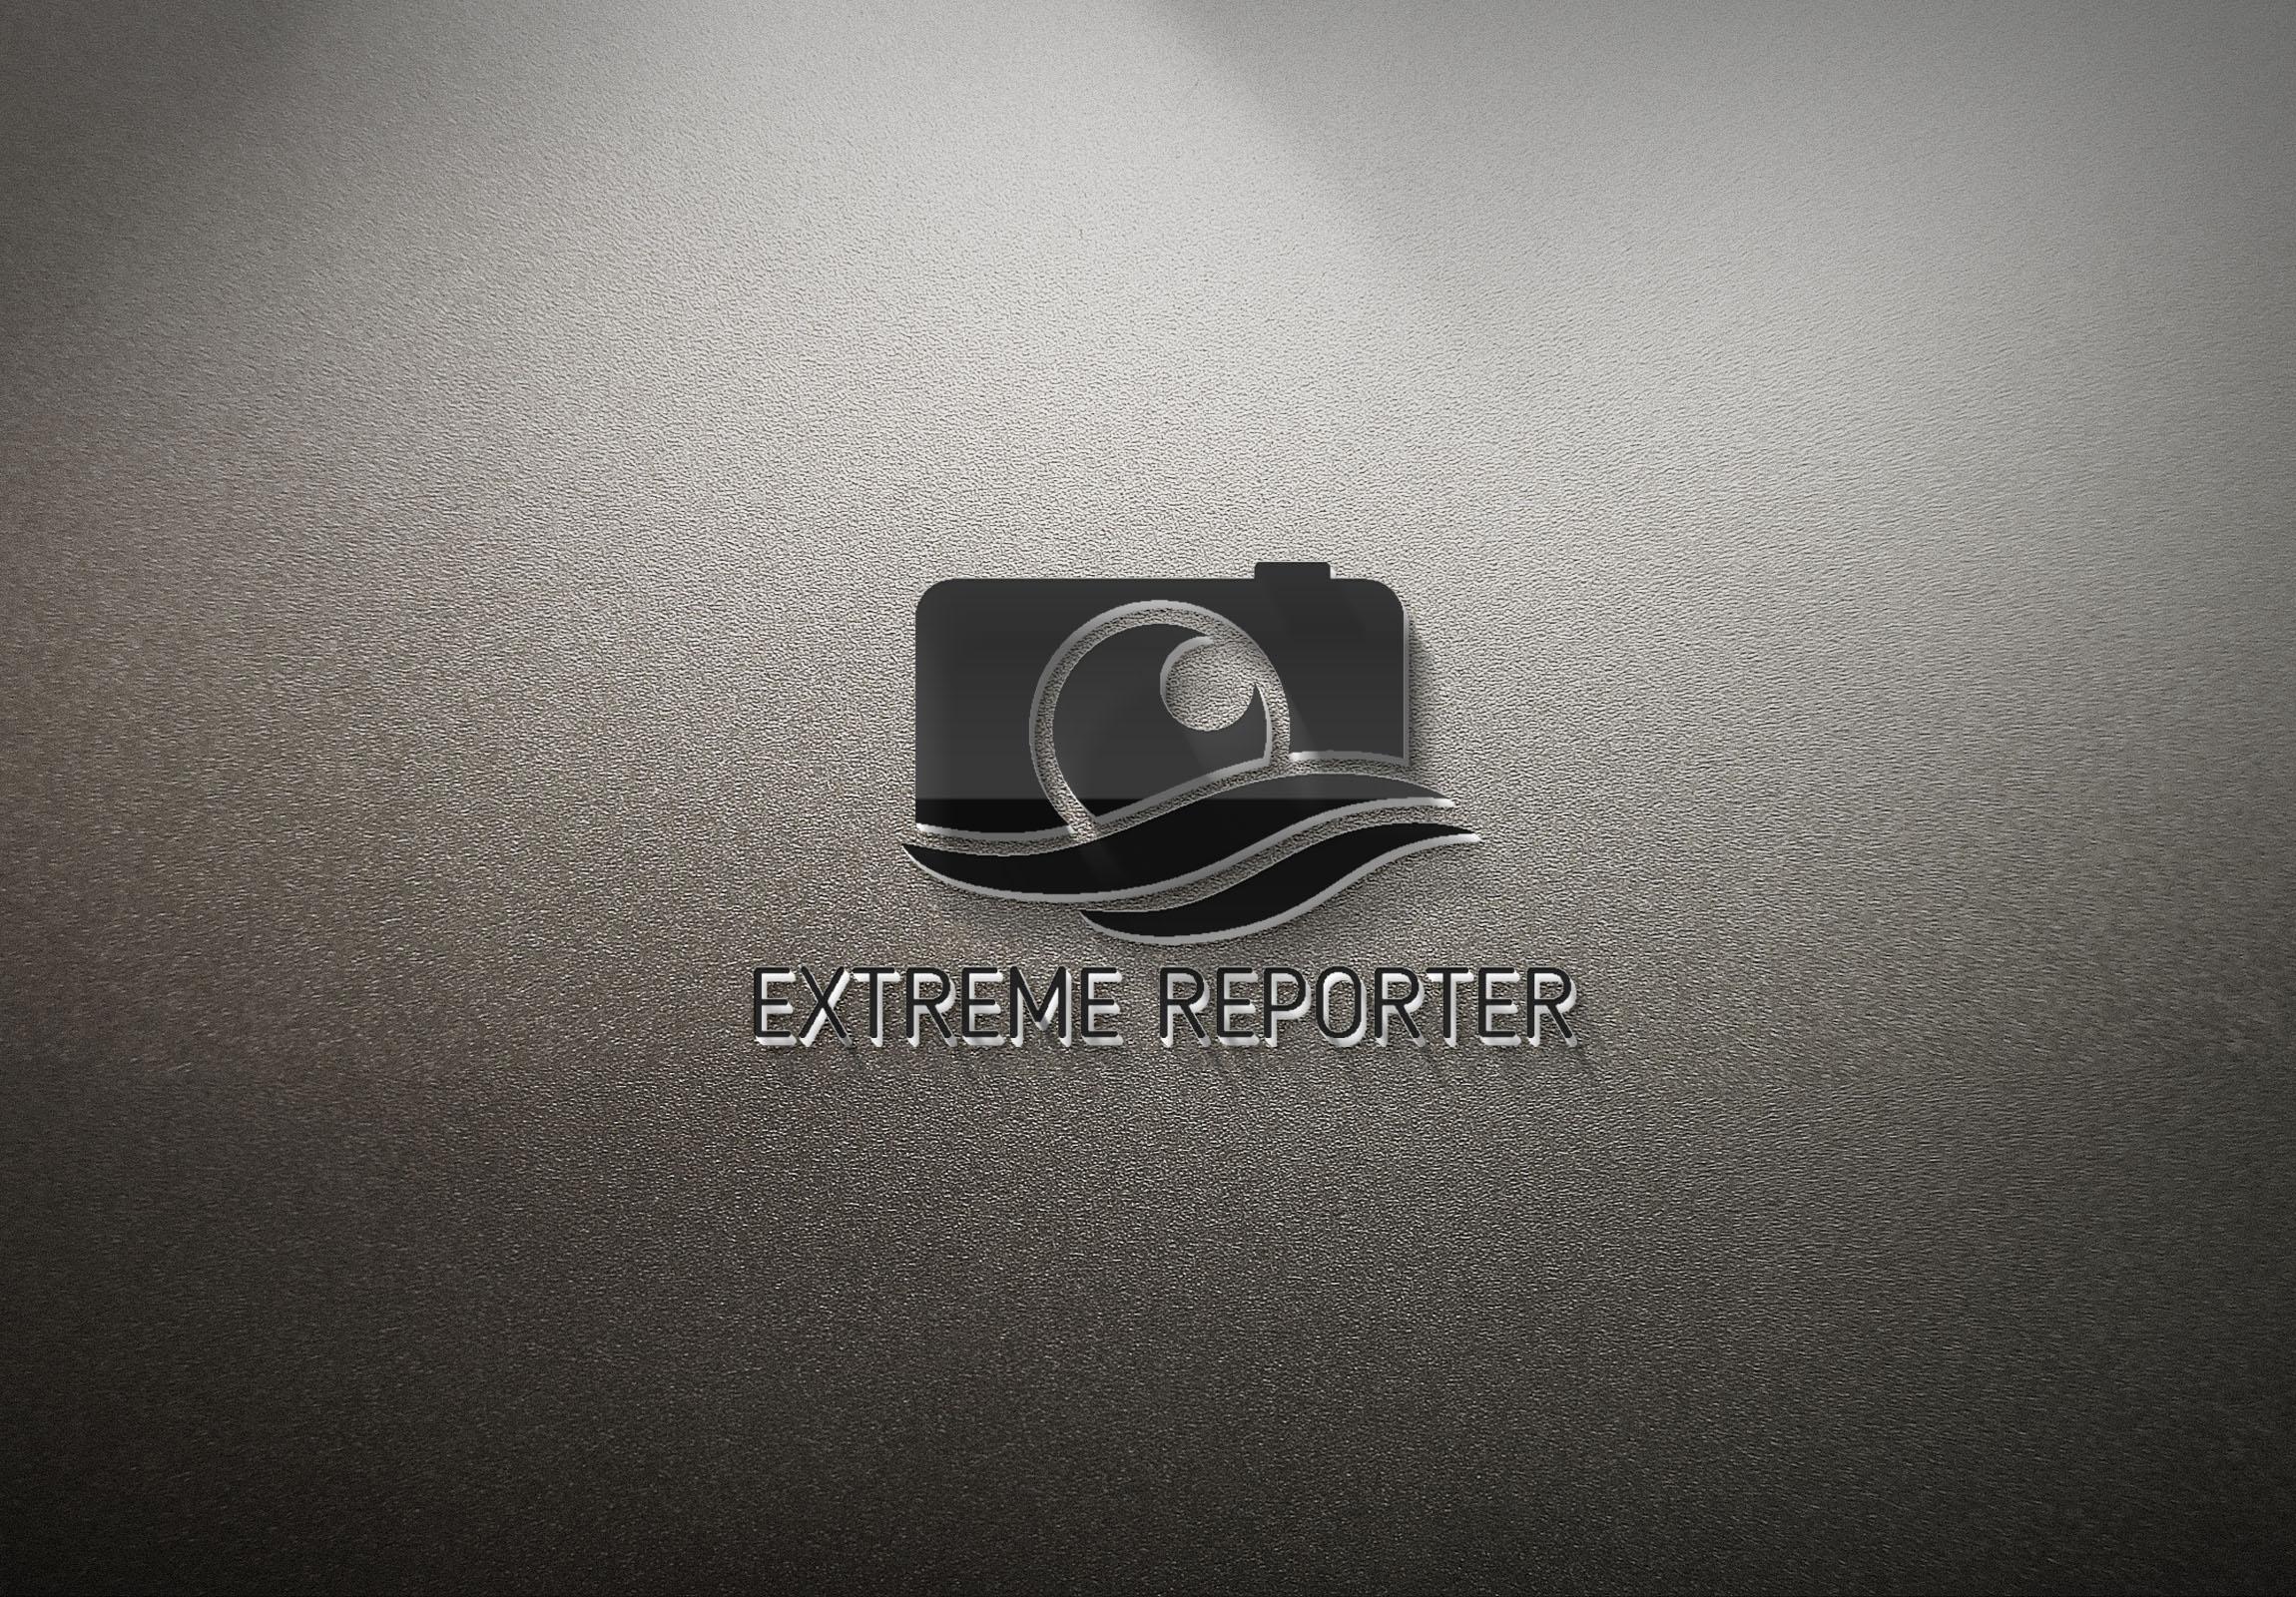 Логотип для экстрим фотографа.  фото f_3375a5372cba4f3d.jpg